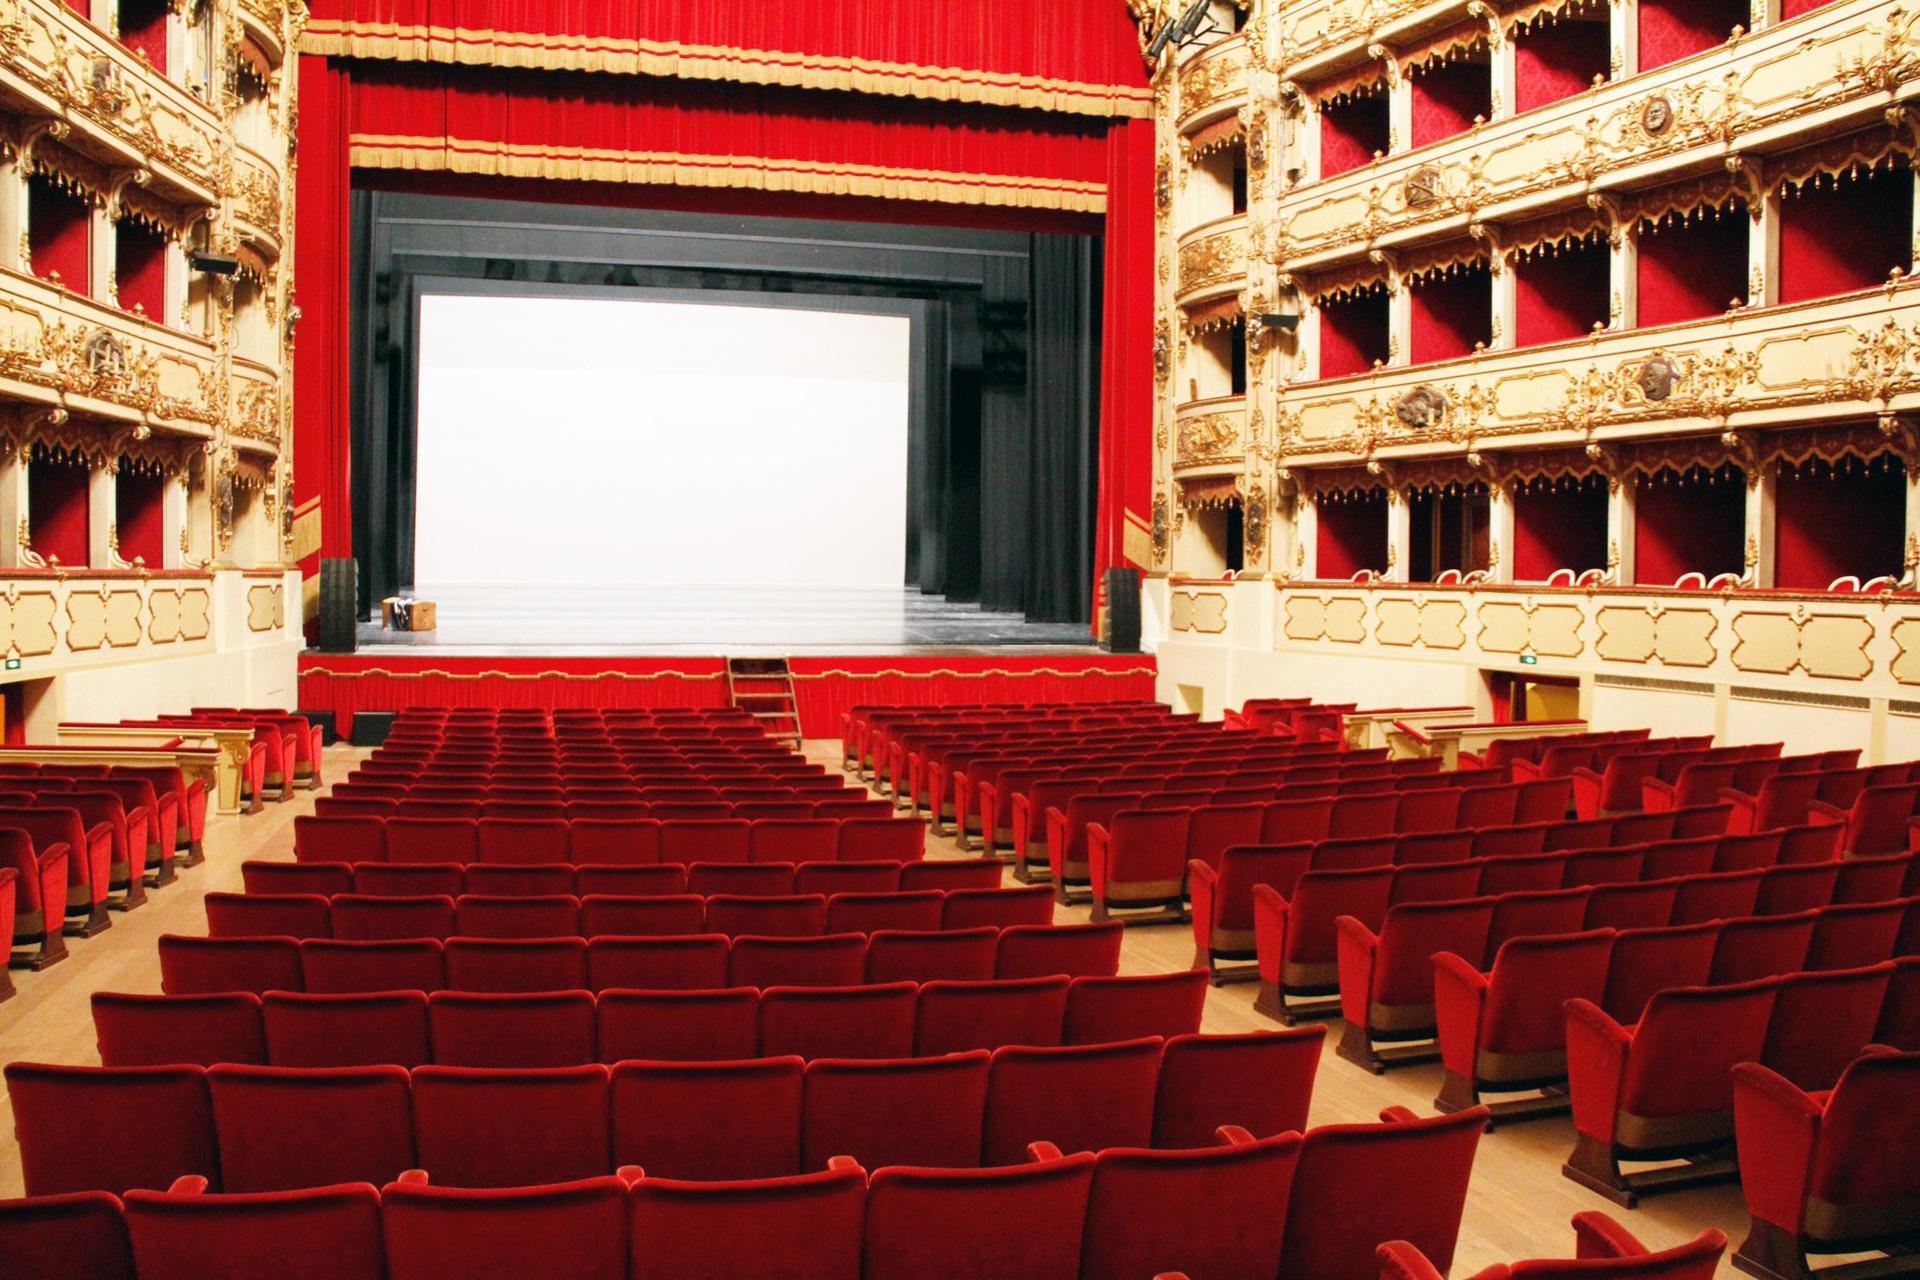 Images Gratuites Salle Bâtiment Public Montrer Opéra Design D